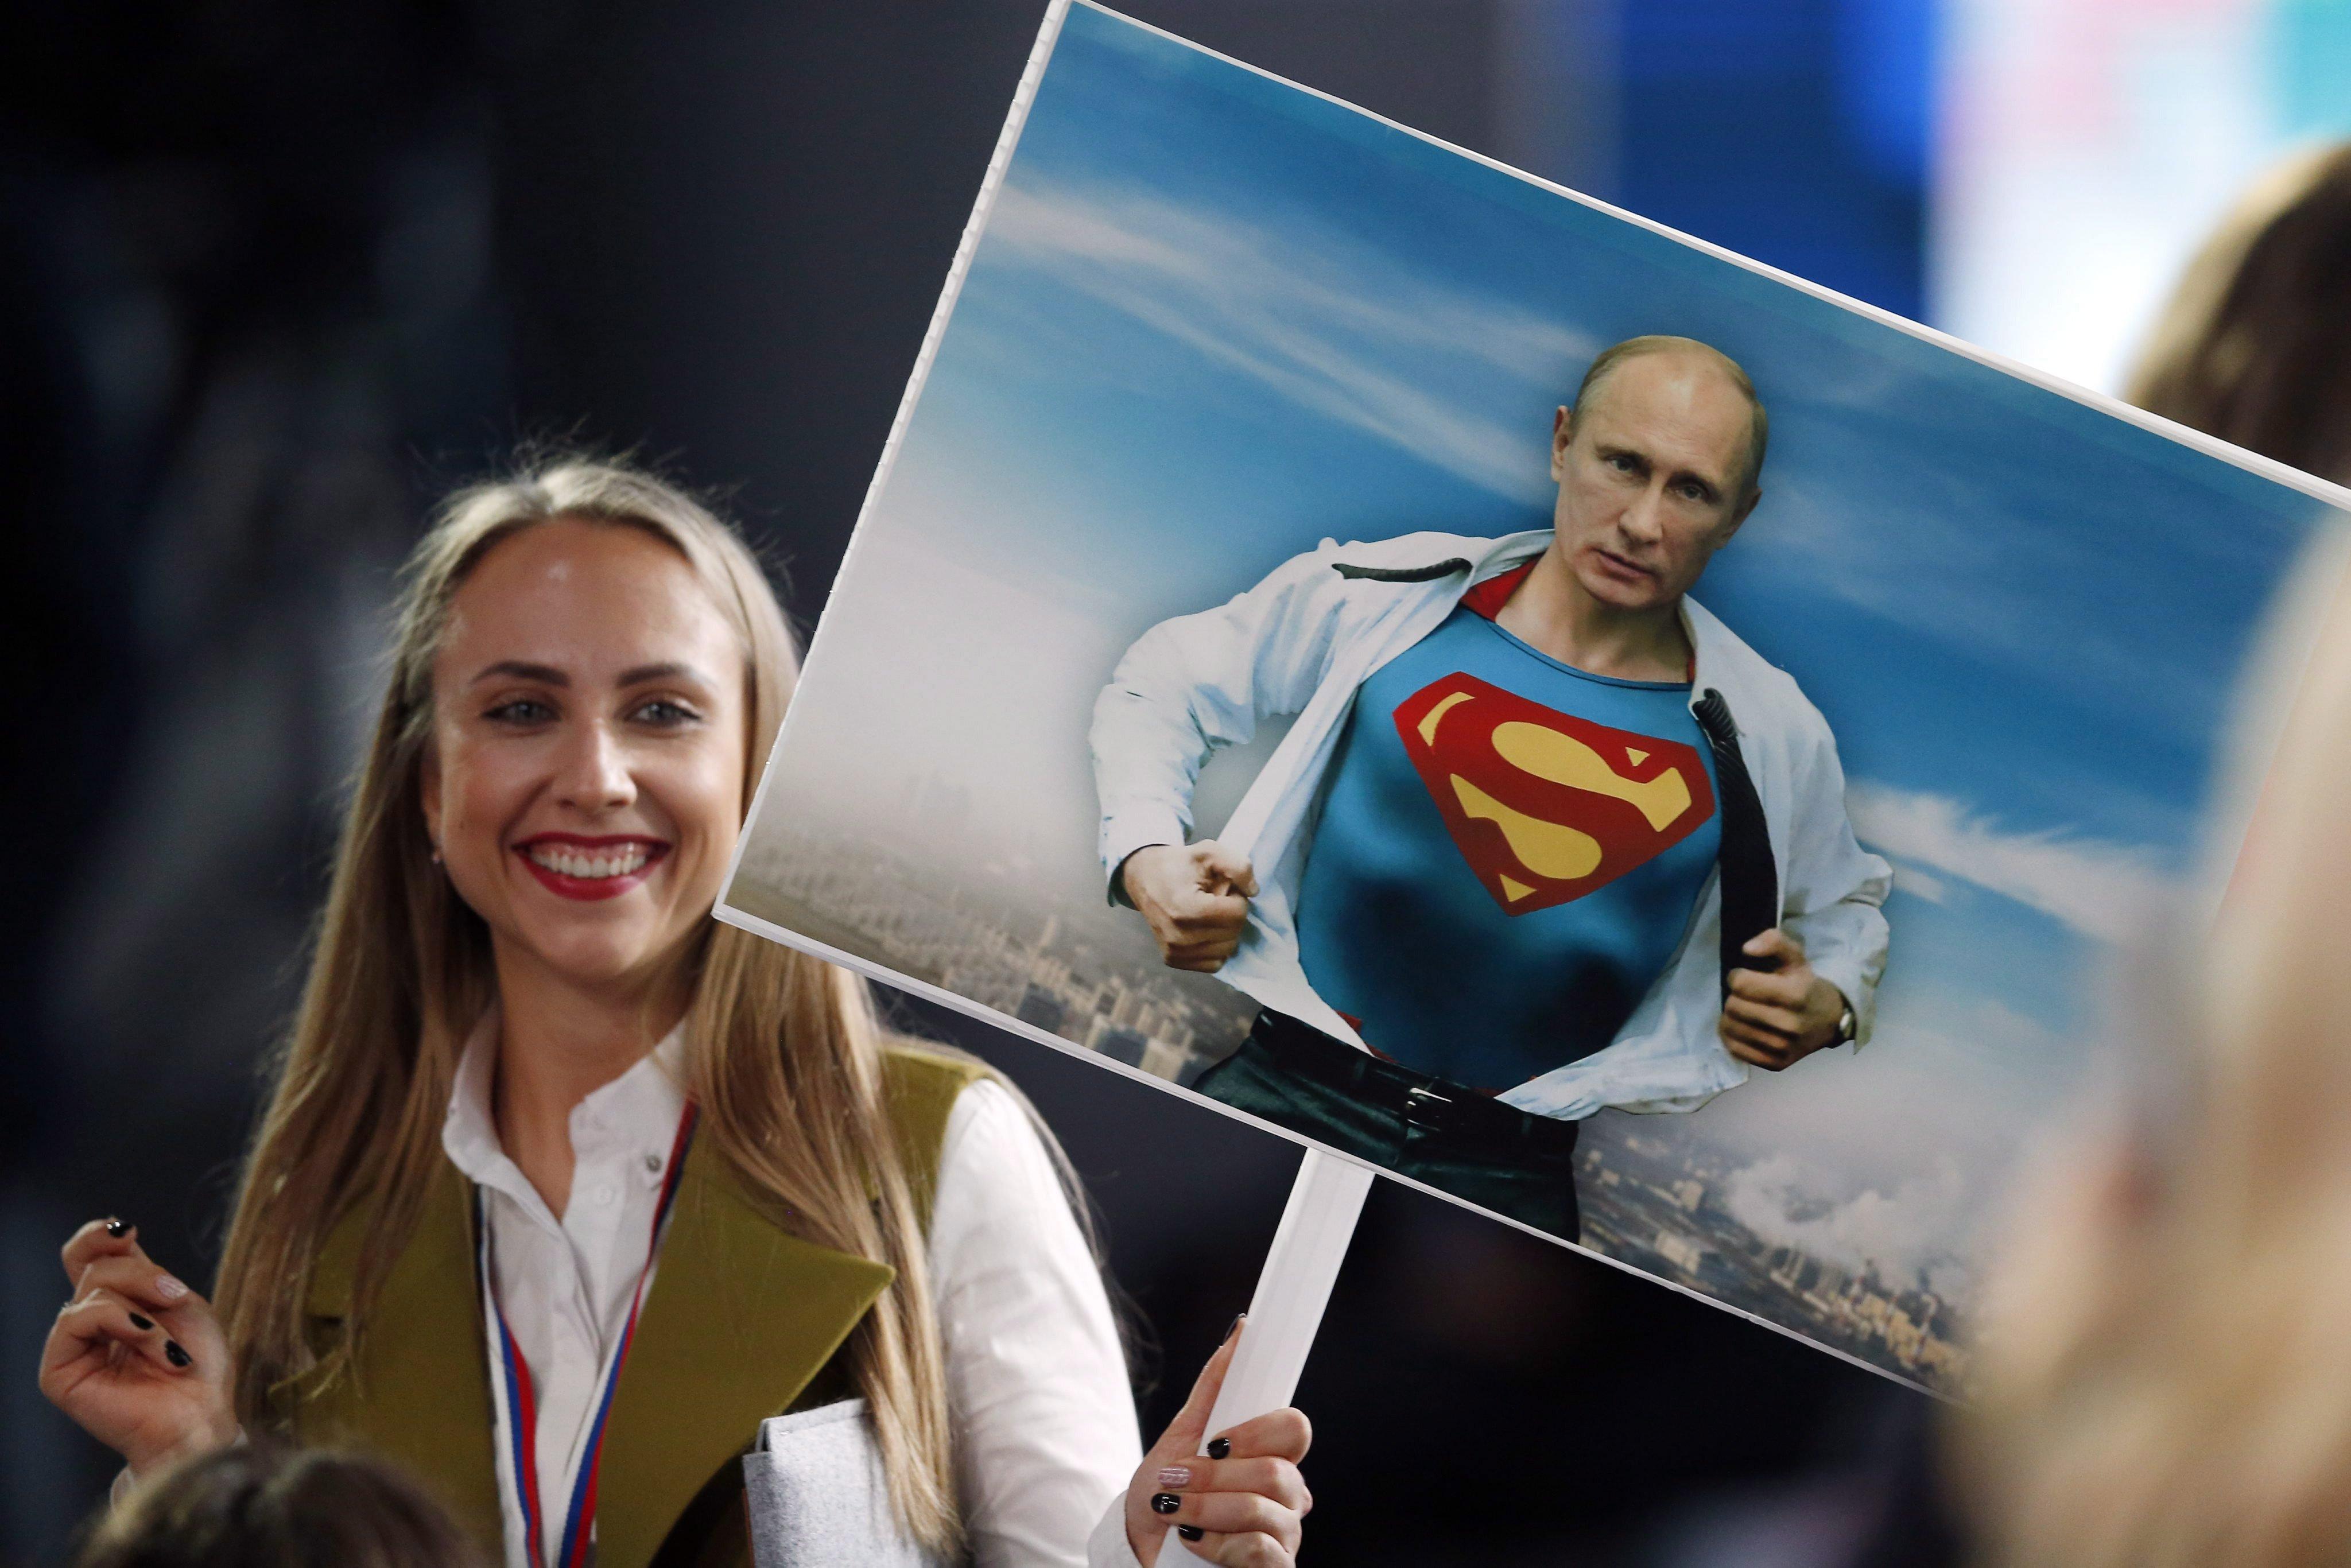 Ugyan lehet verni a feleségeket, de Putyin szerint Oroszországban nagyobb szeretettel gondolnak a nőkre, mint bárhol máshol